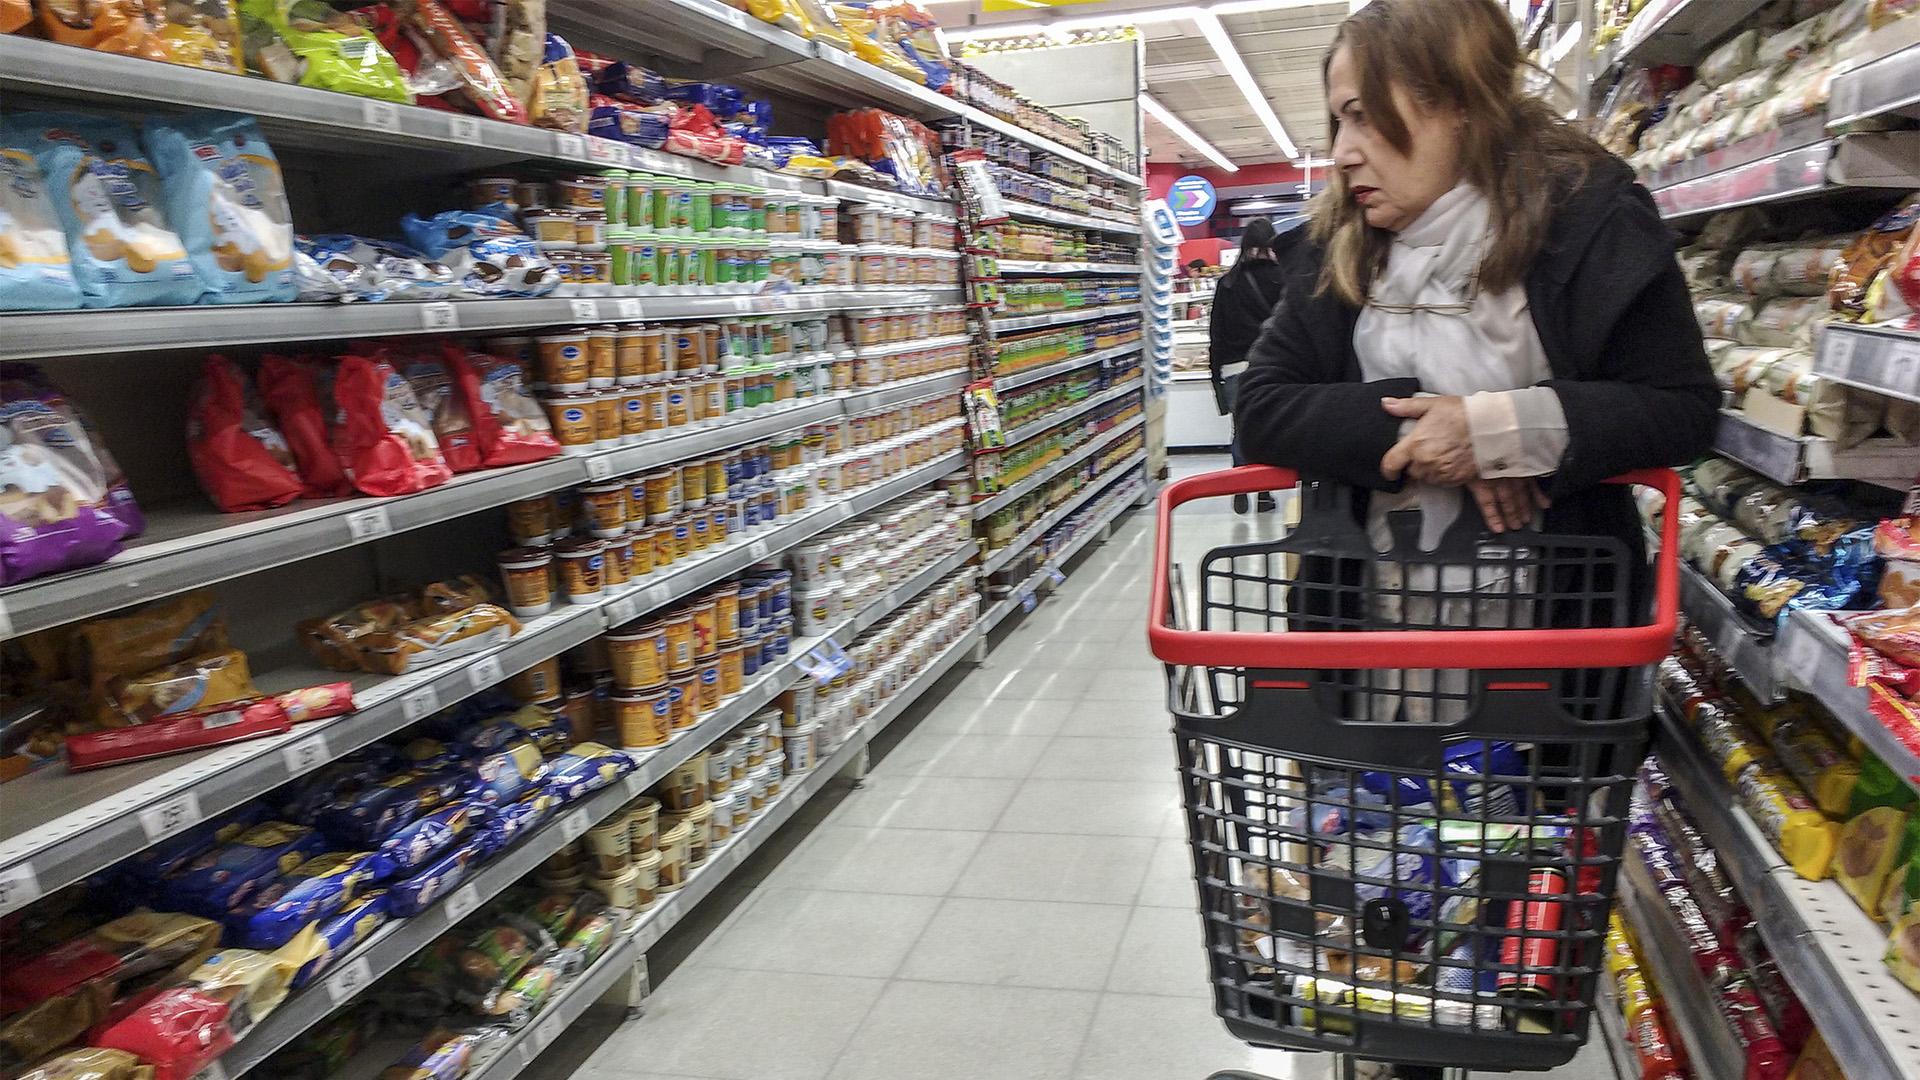 La inflación fue del 3,3% en mayo y acumuló 48,8% en los últimos doce meses